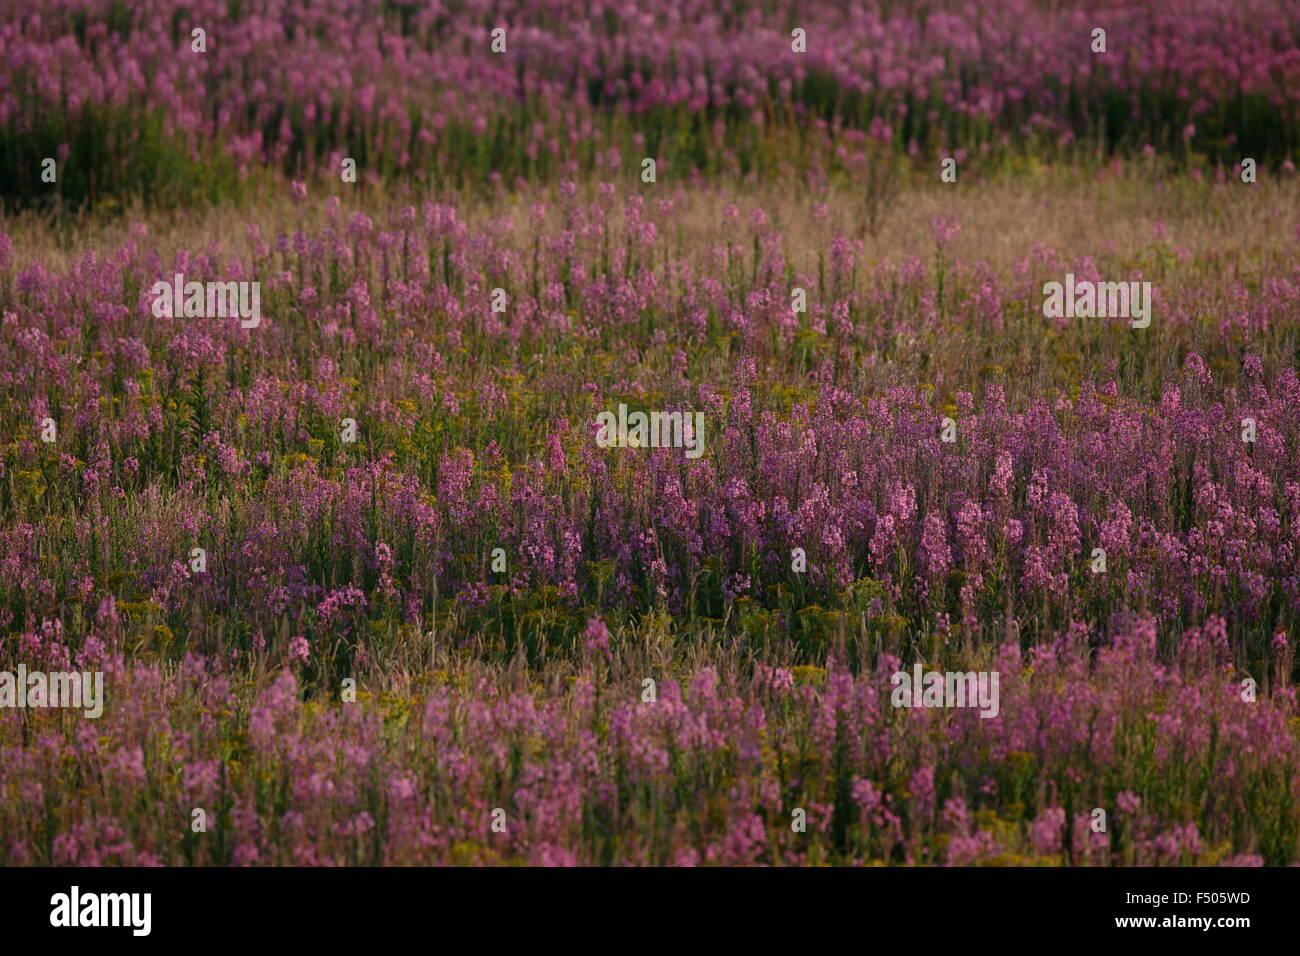 Stand of Rosebay Willowherb, Chamaenerion augustifolium Stock Photo